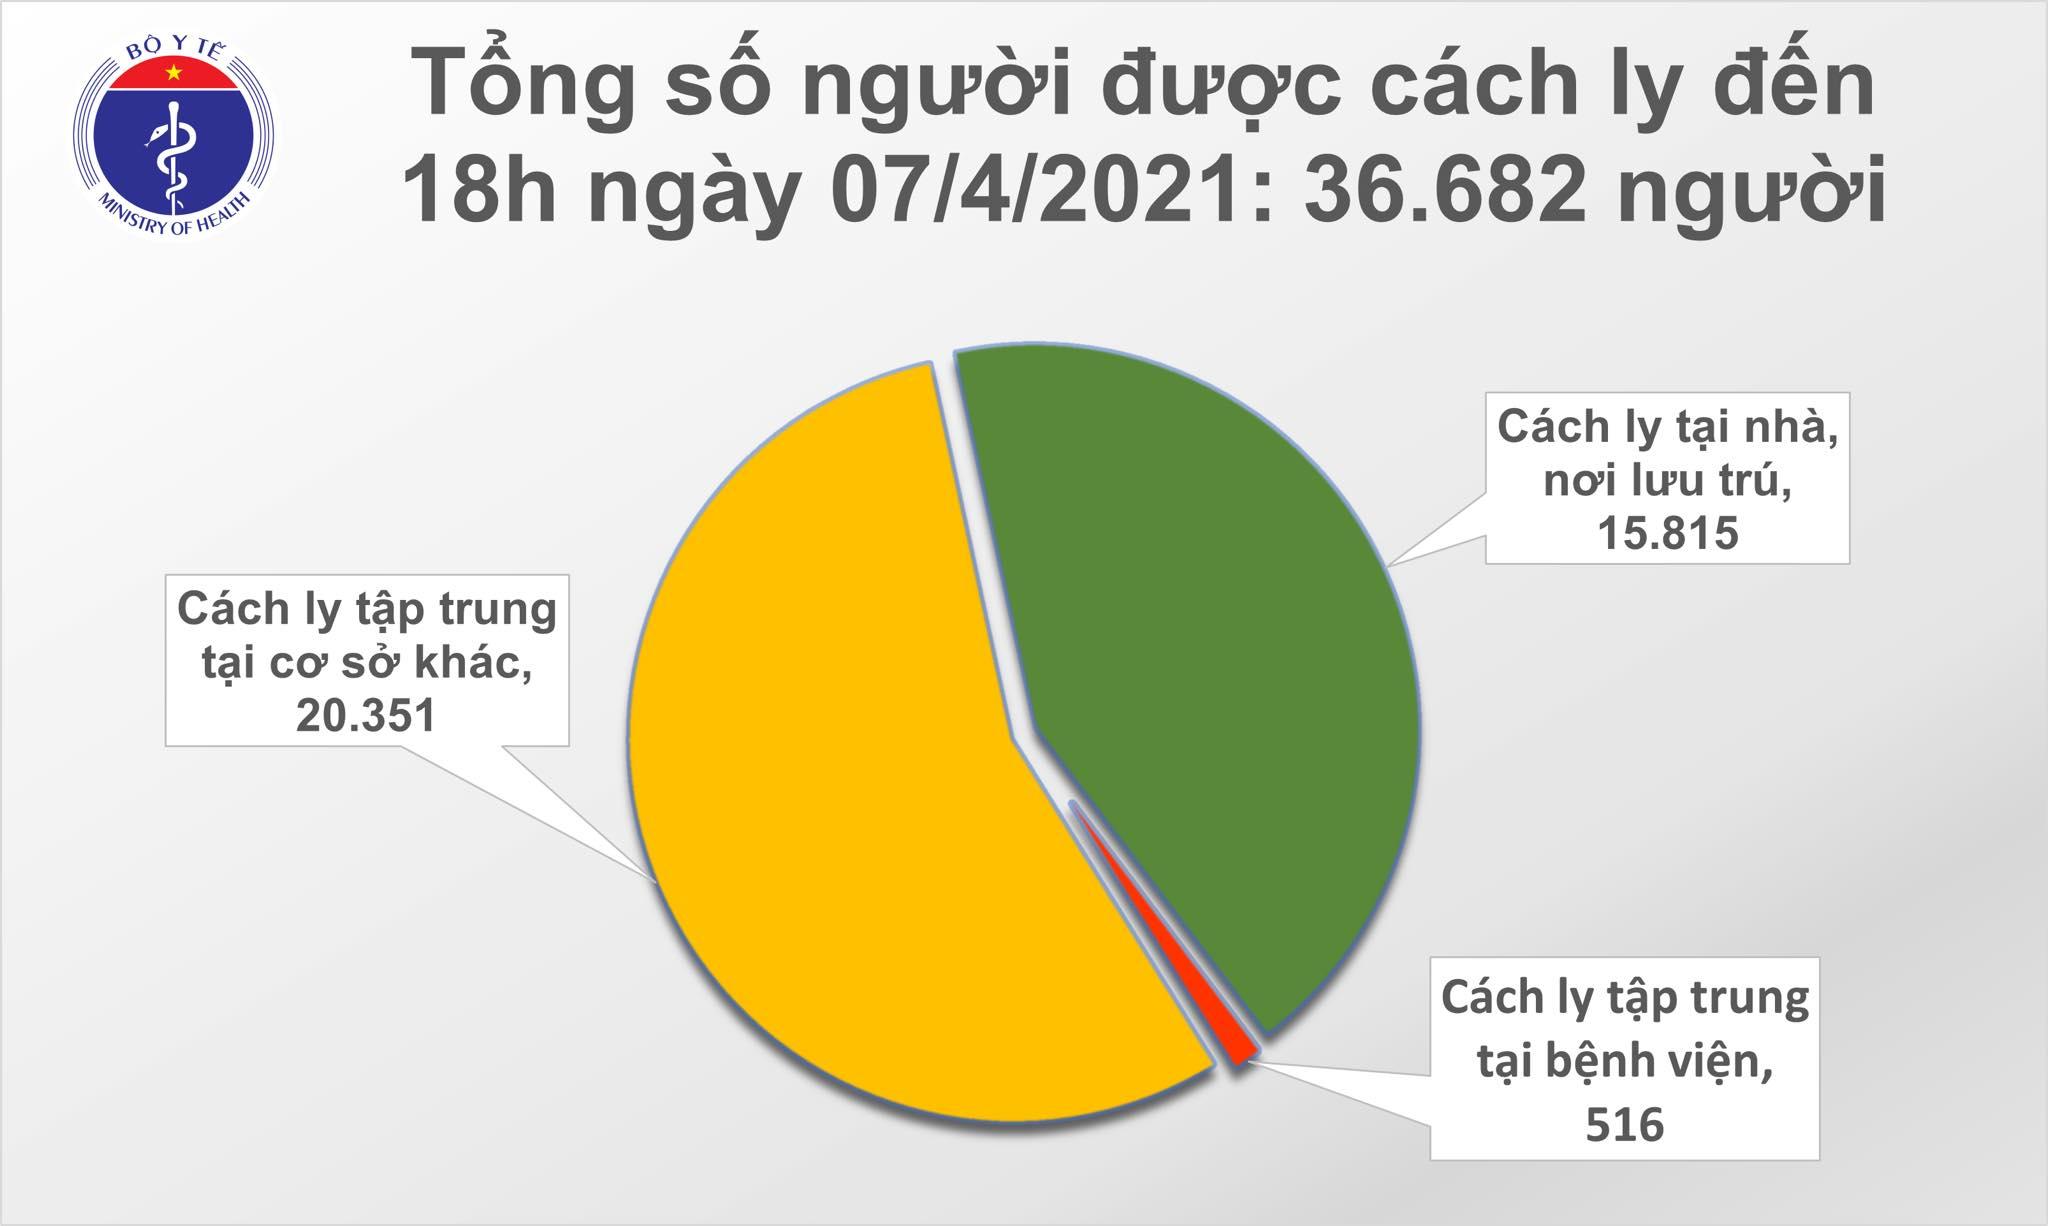 Chiều 7/4: Thêm 11 ca mắc COVID-19 tại 5 tỉnh, thành; 7 bệnh nhân khỏi 1